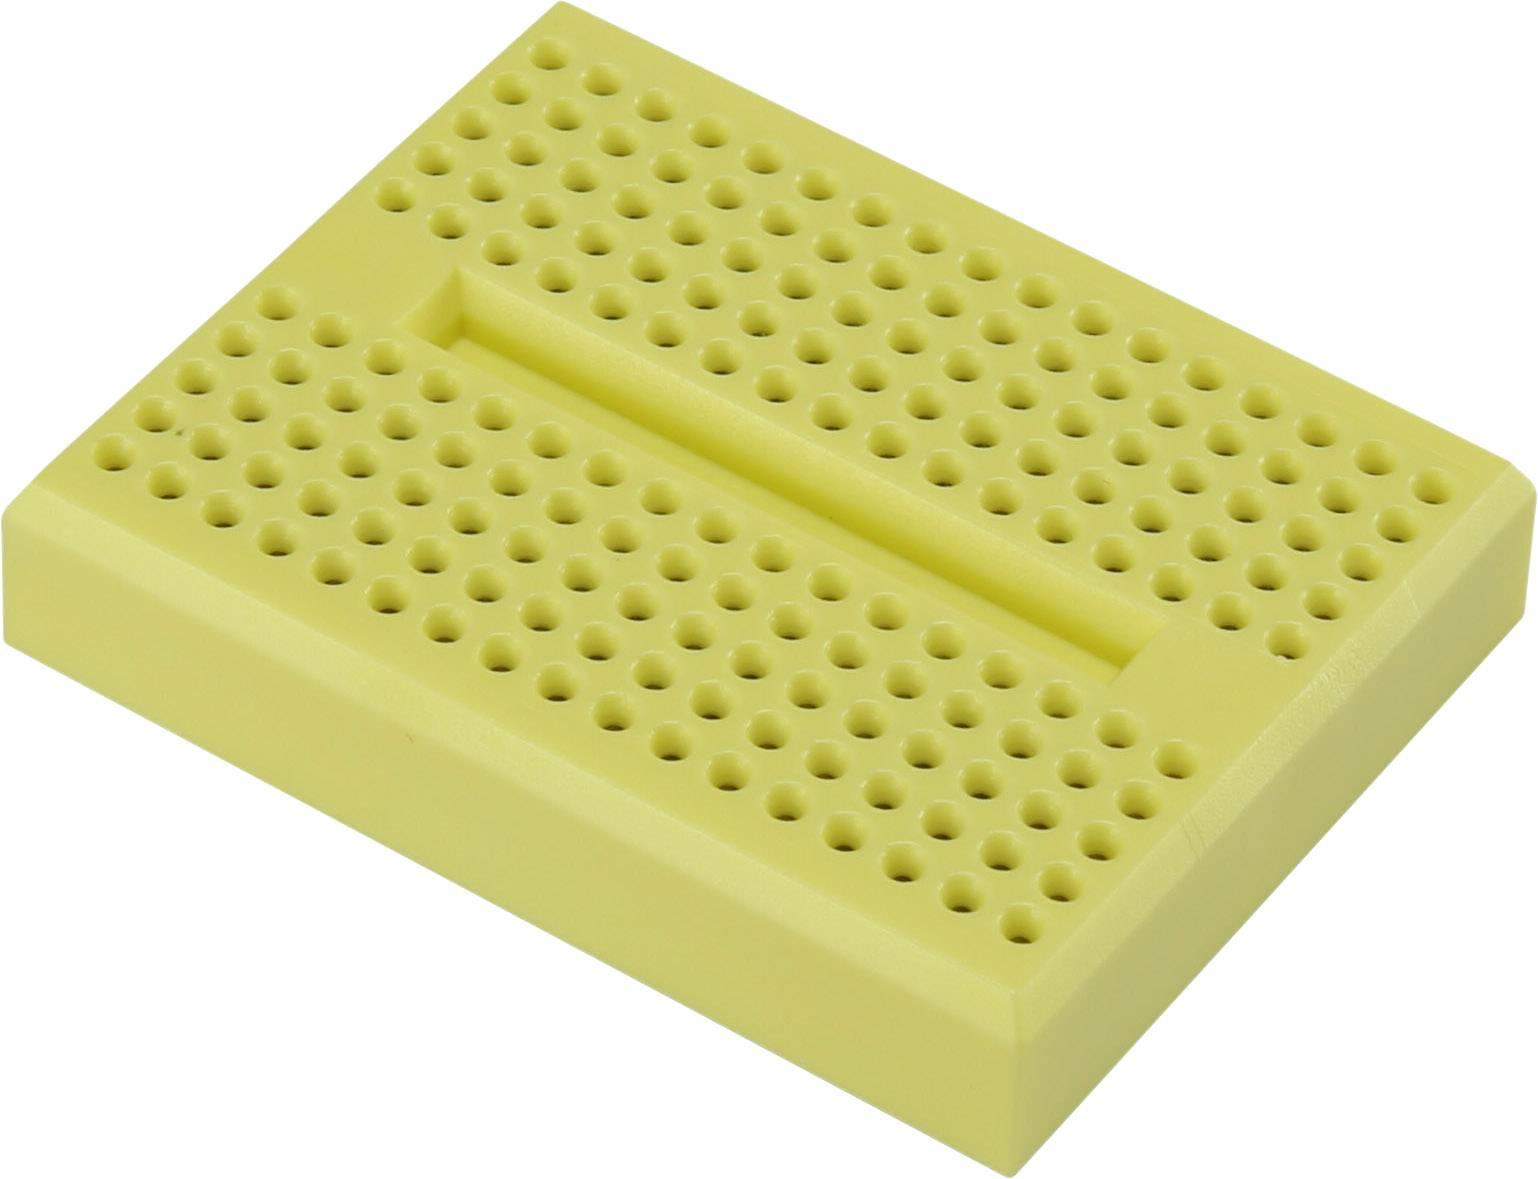 Nepájivé kontaktní pole Conrad Components 0165-4219-14-15010 žlutá, Počet pólů 170, (d x š x v) 46 x 36 x 8 mm, 1 ks